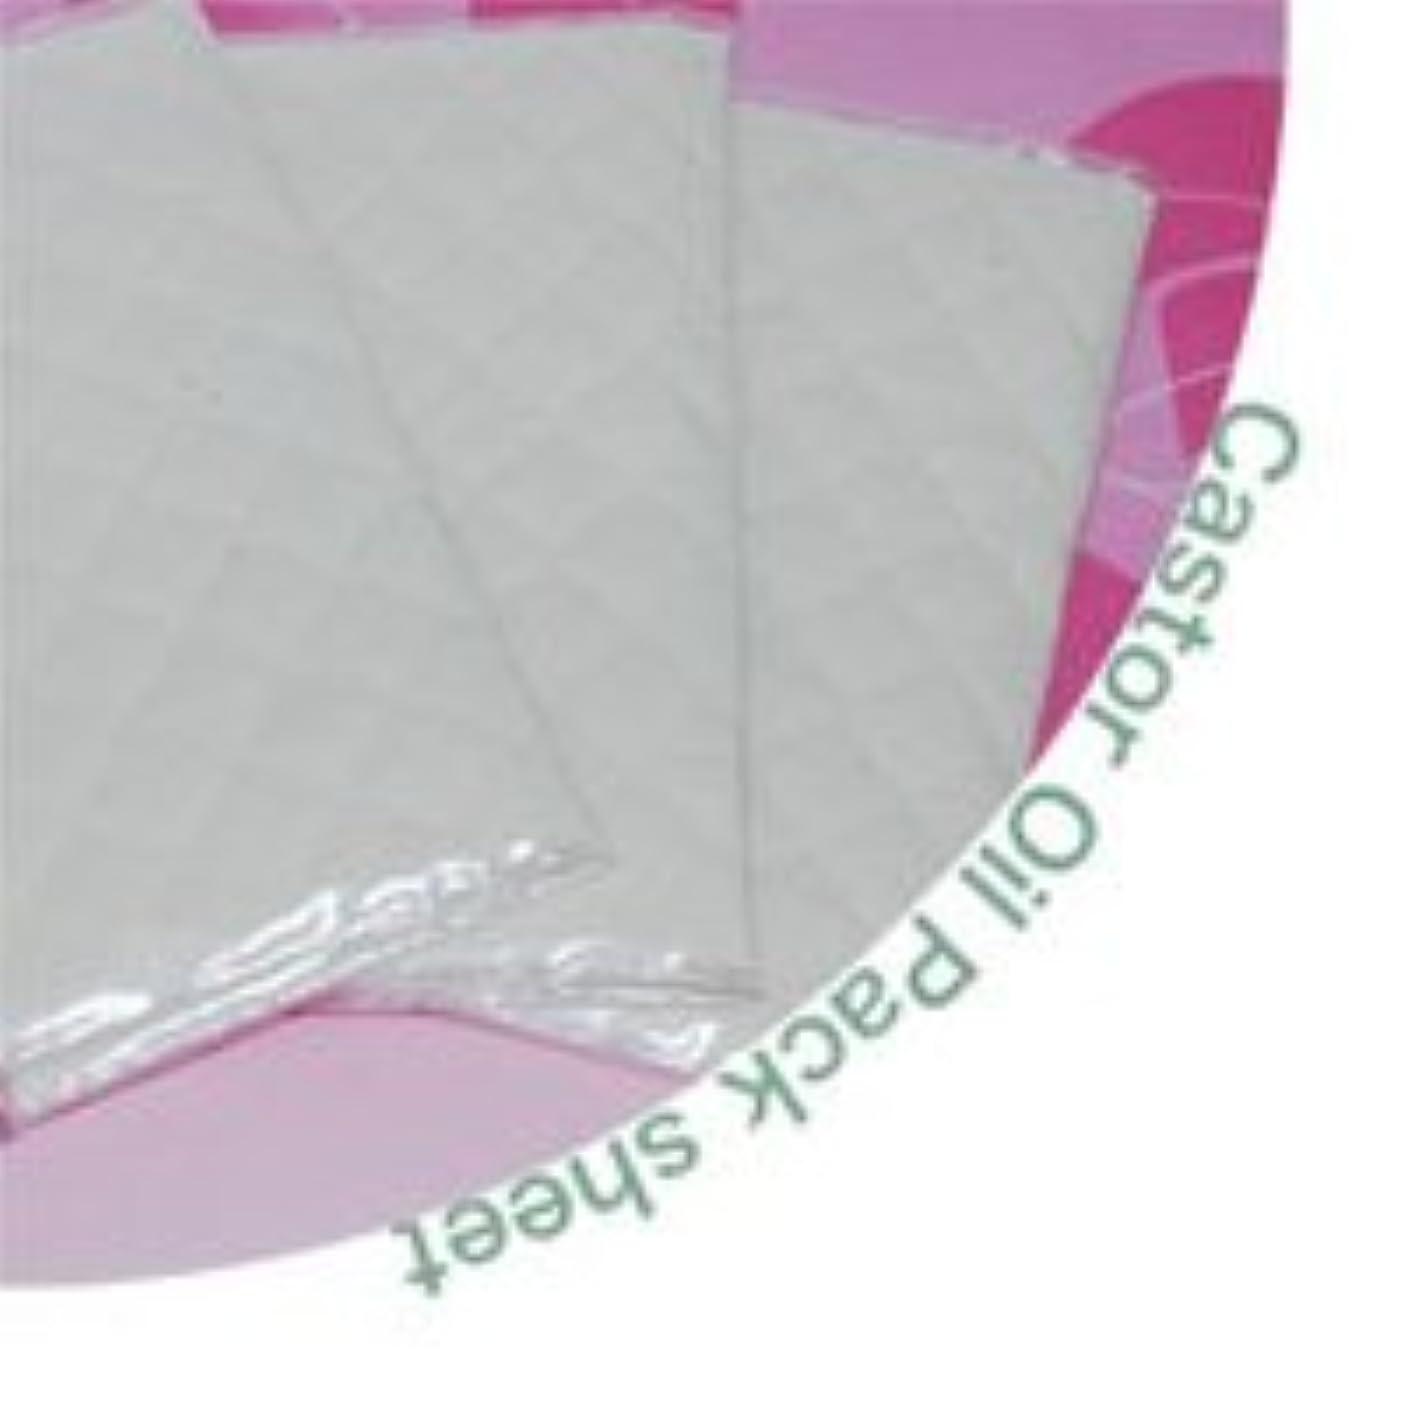 ルーフささやき仮装簡単ヒマシ油パックシート(小)[Castor Oil Pack Sheets] (3枚)